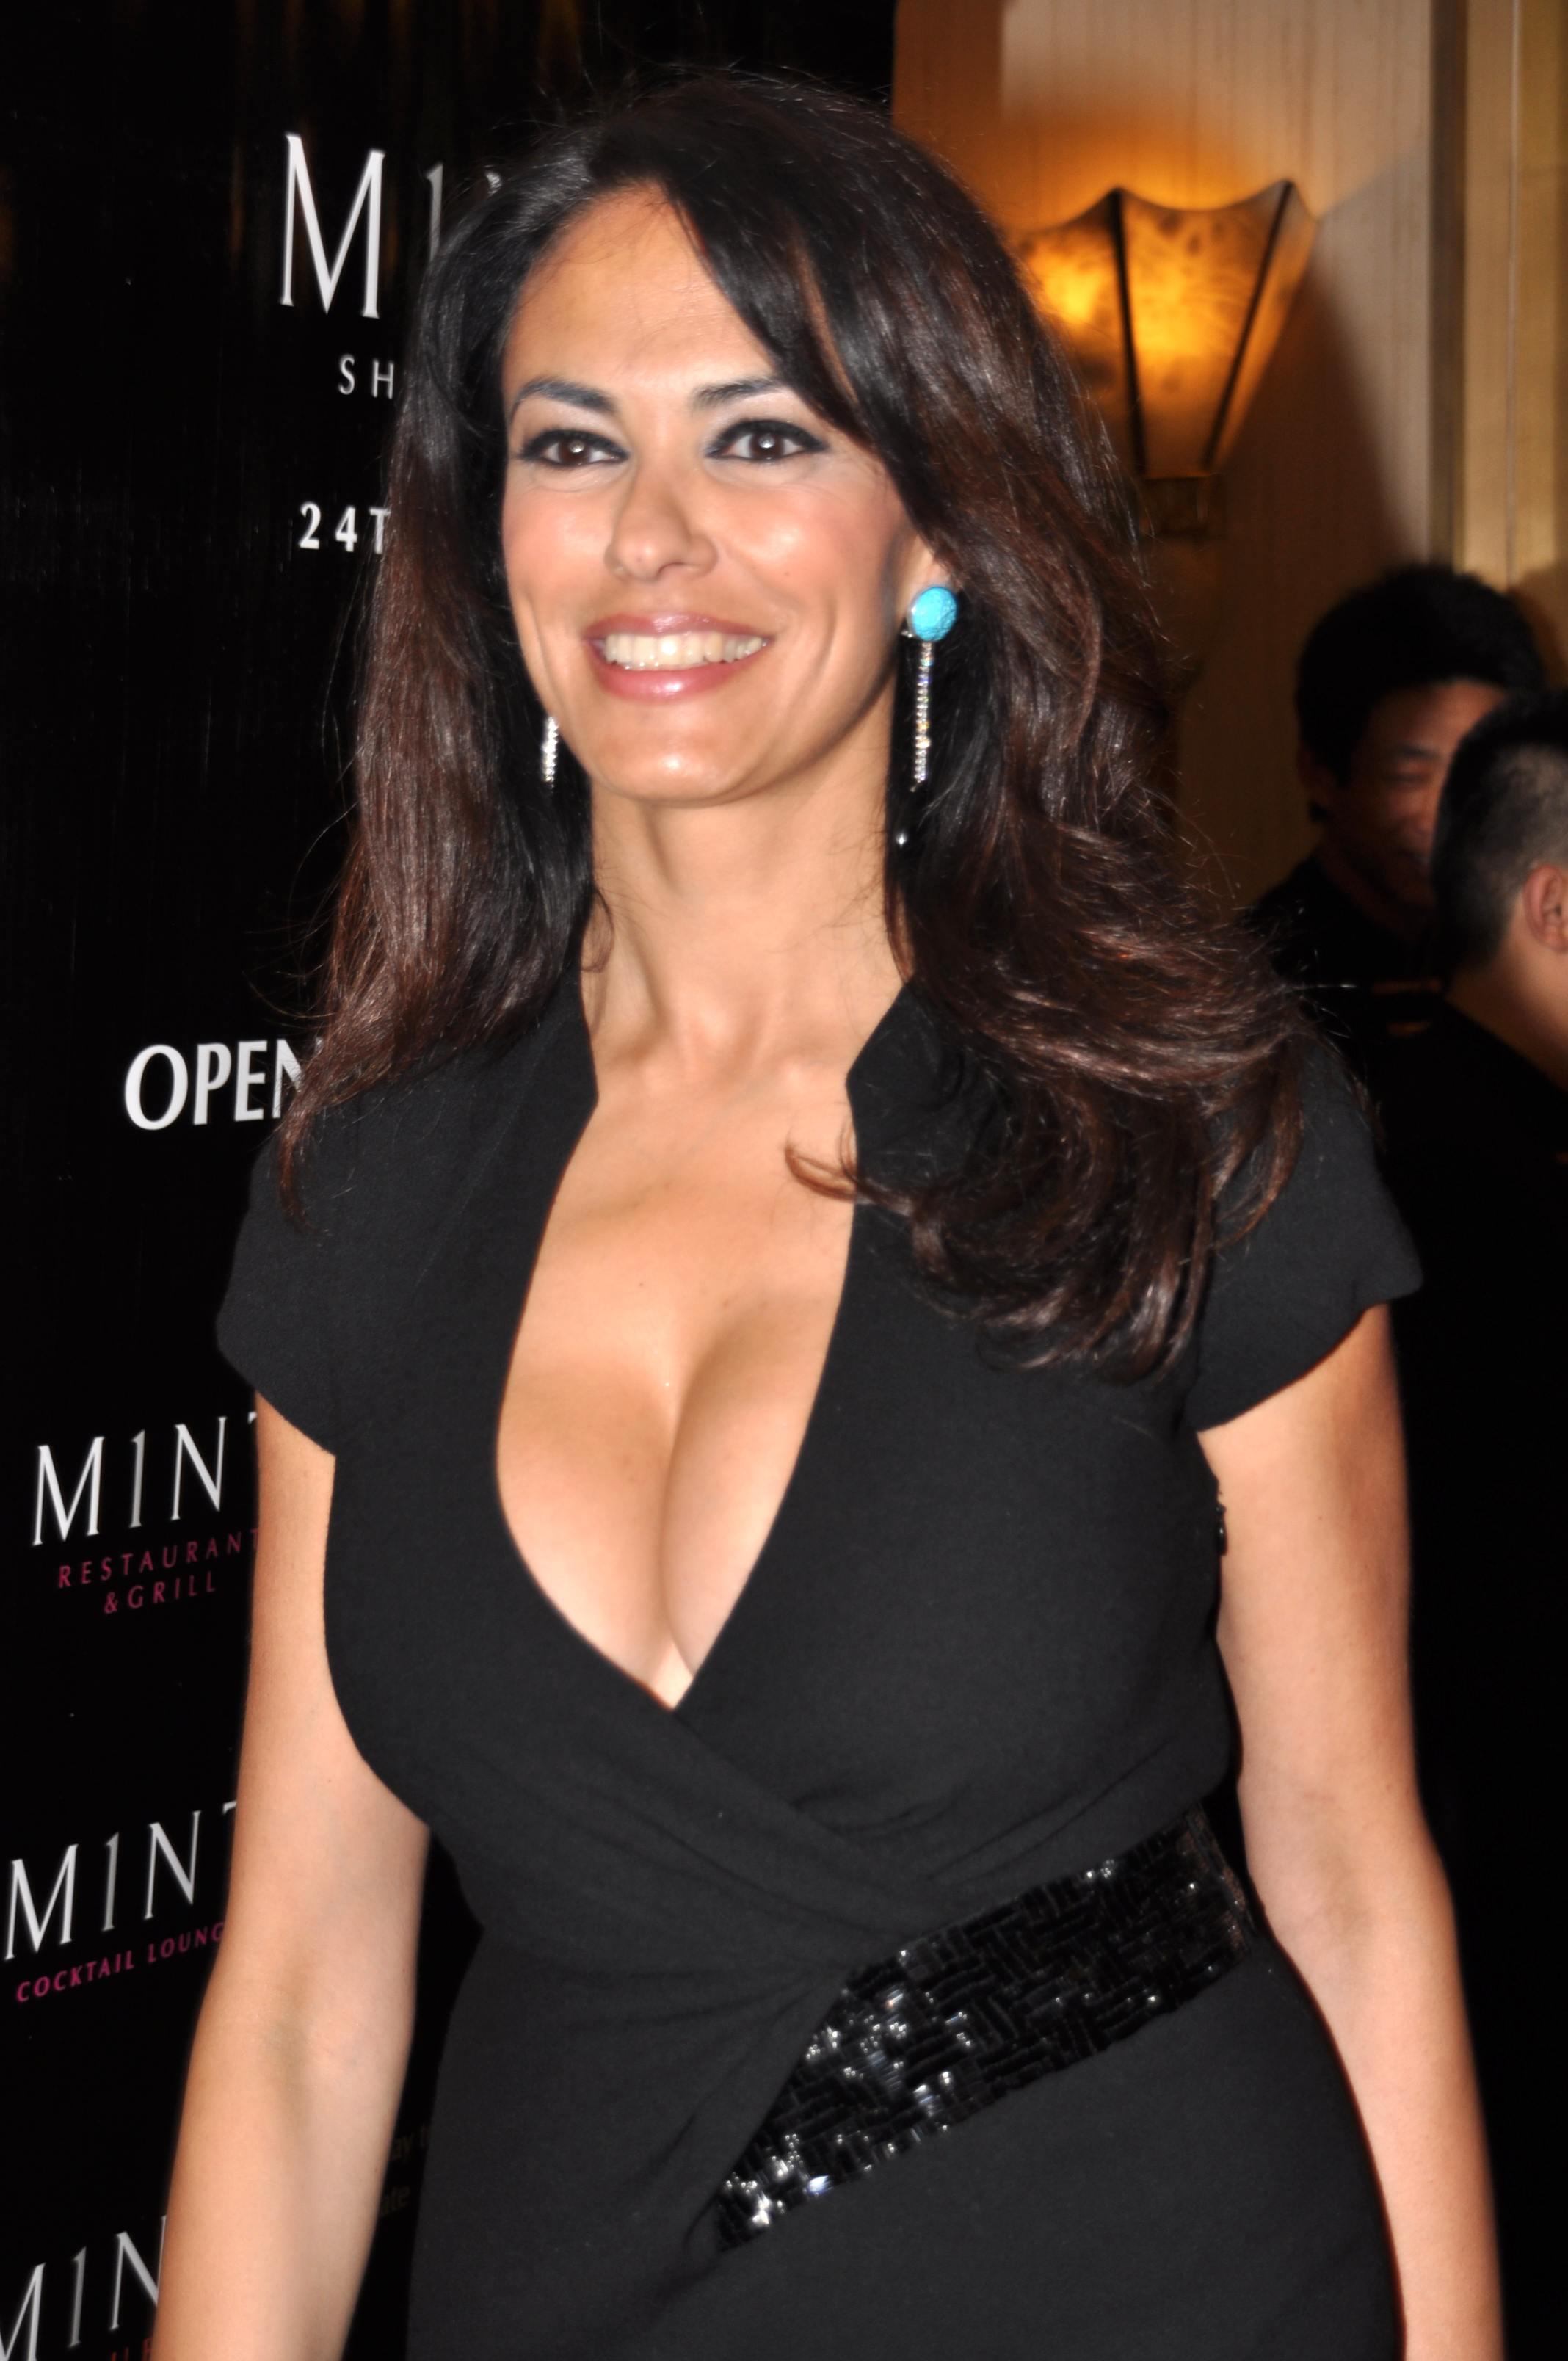 Poze Maria Grazia Cucinotta - Actor - Poza 2 din 82 ... Kim Cattrall Wiki